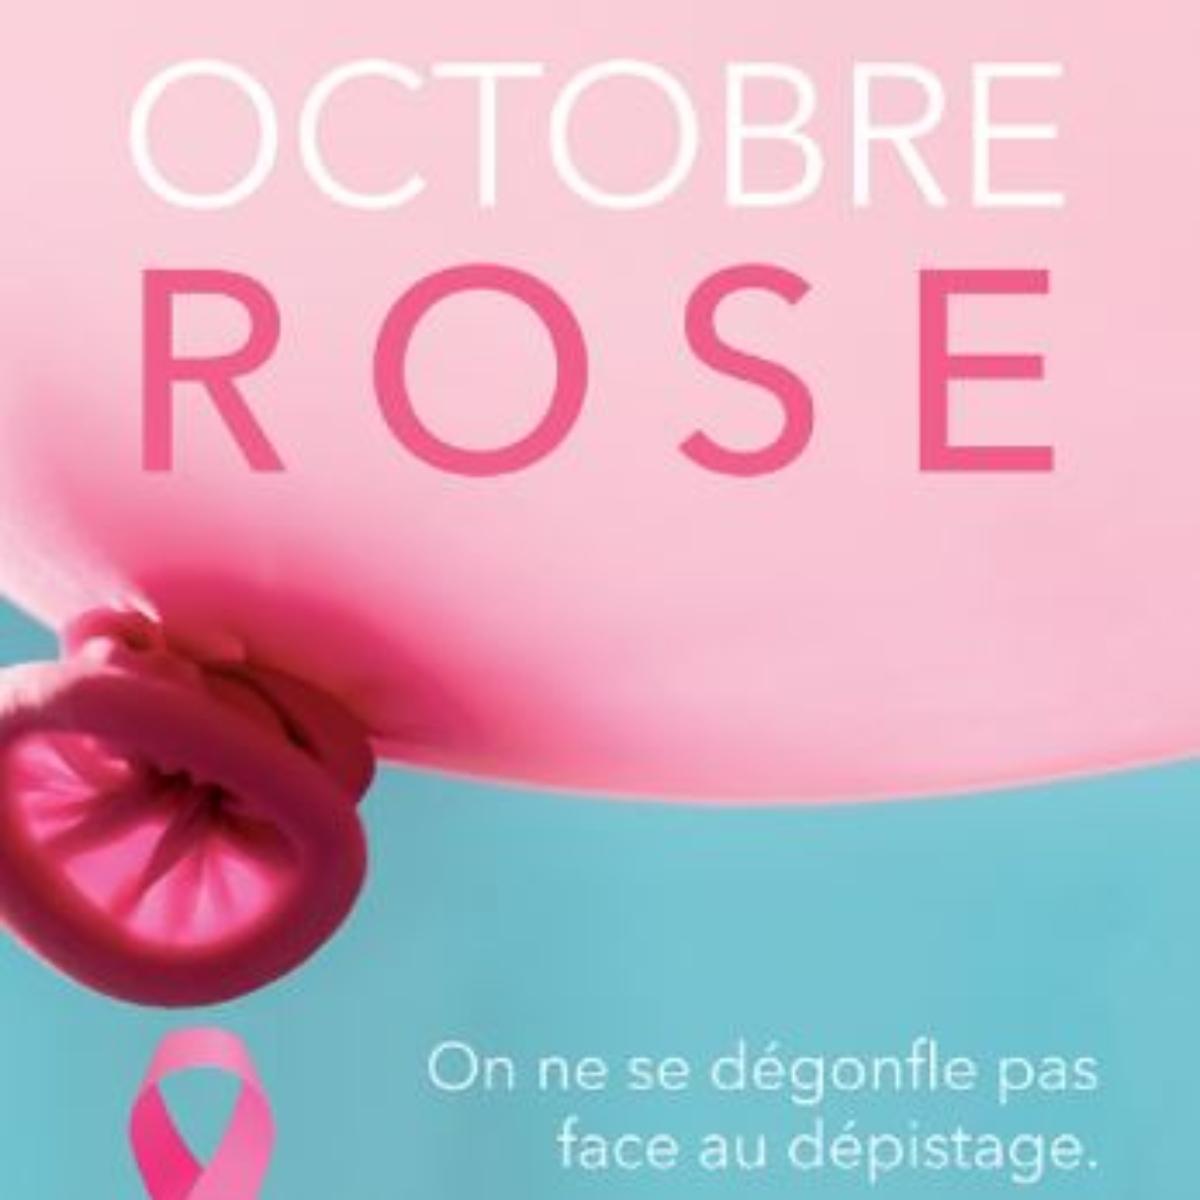 Tous sensibilisés au dépistage du cancer du sein : Octobre rose 2020